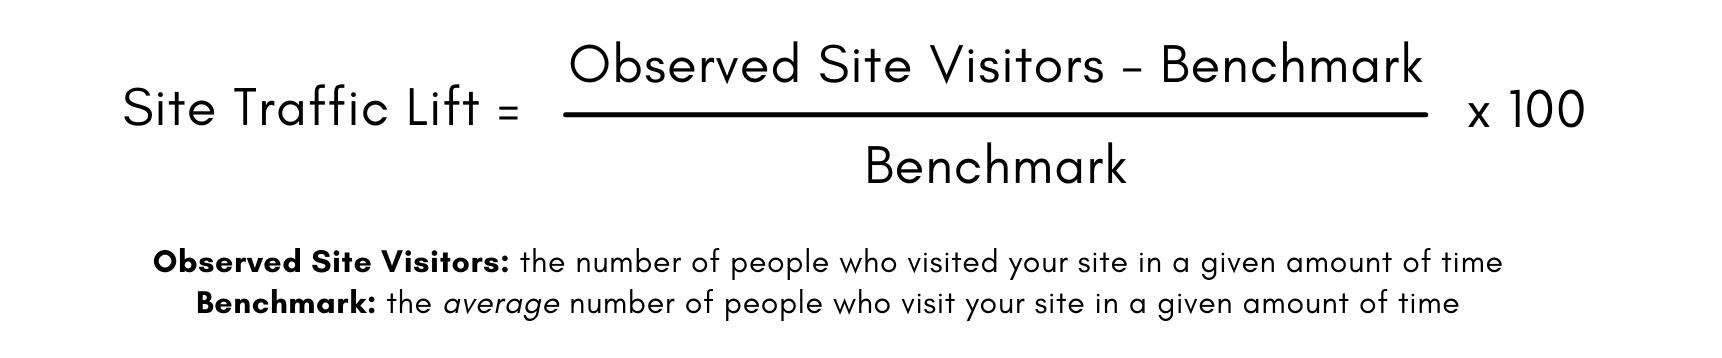 Formule pour l'augmentation du trafic sur le site: nombre de visiteurs du site moins l'indice de référence, divisé par l'indice de référence, multiplié par 100.